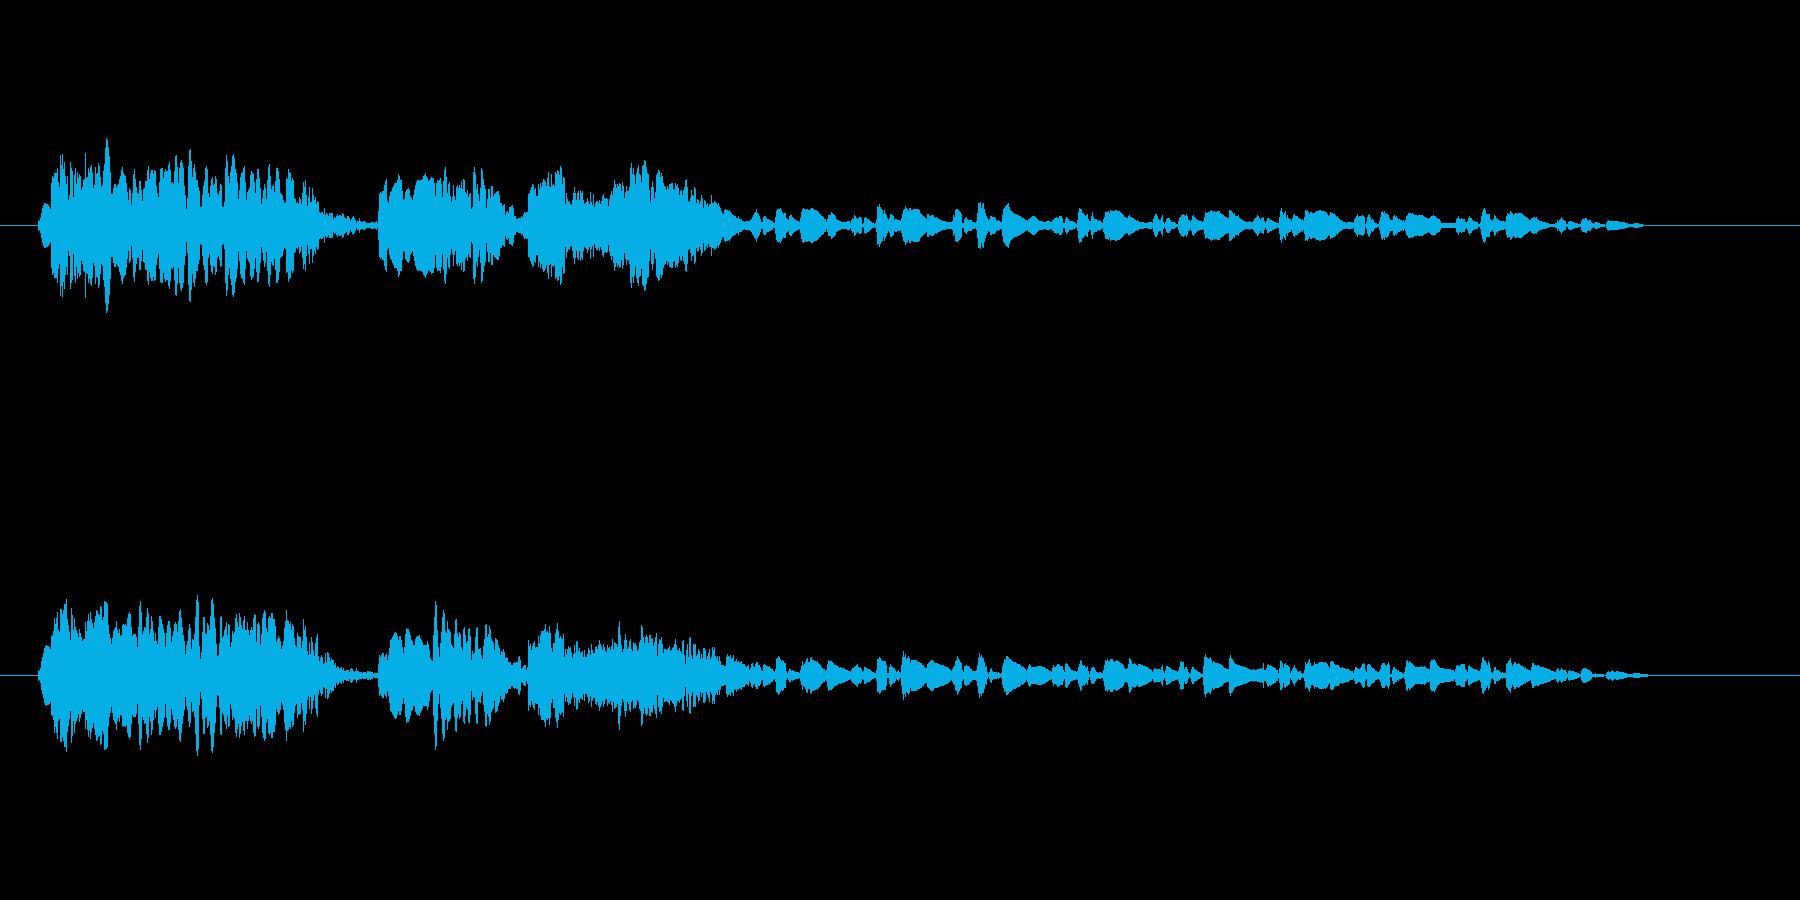 旅立ちを告げる笛の音の再生済みの波形